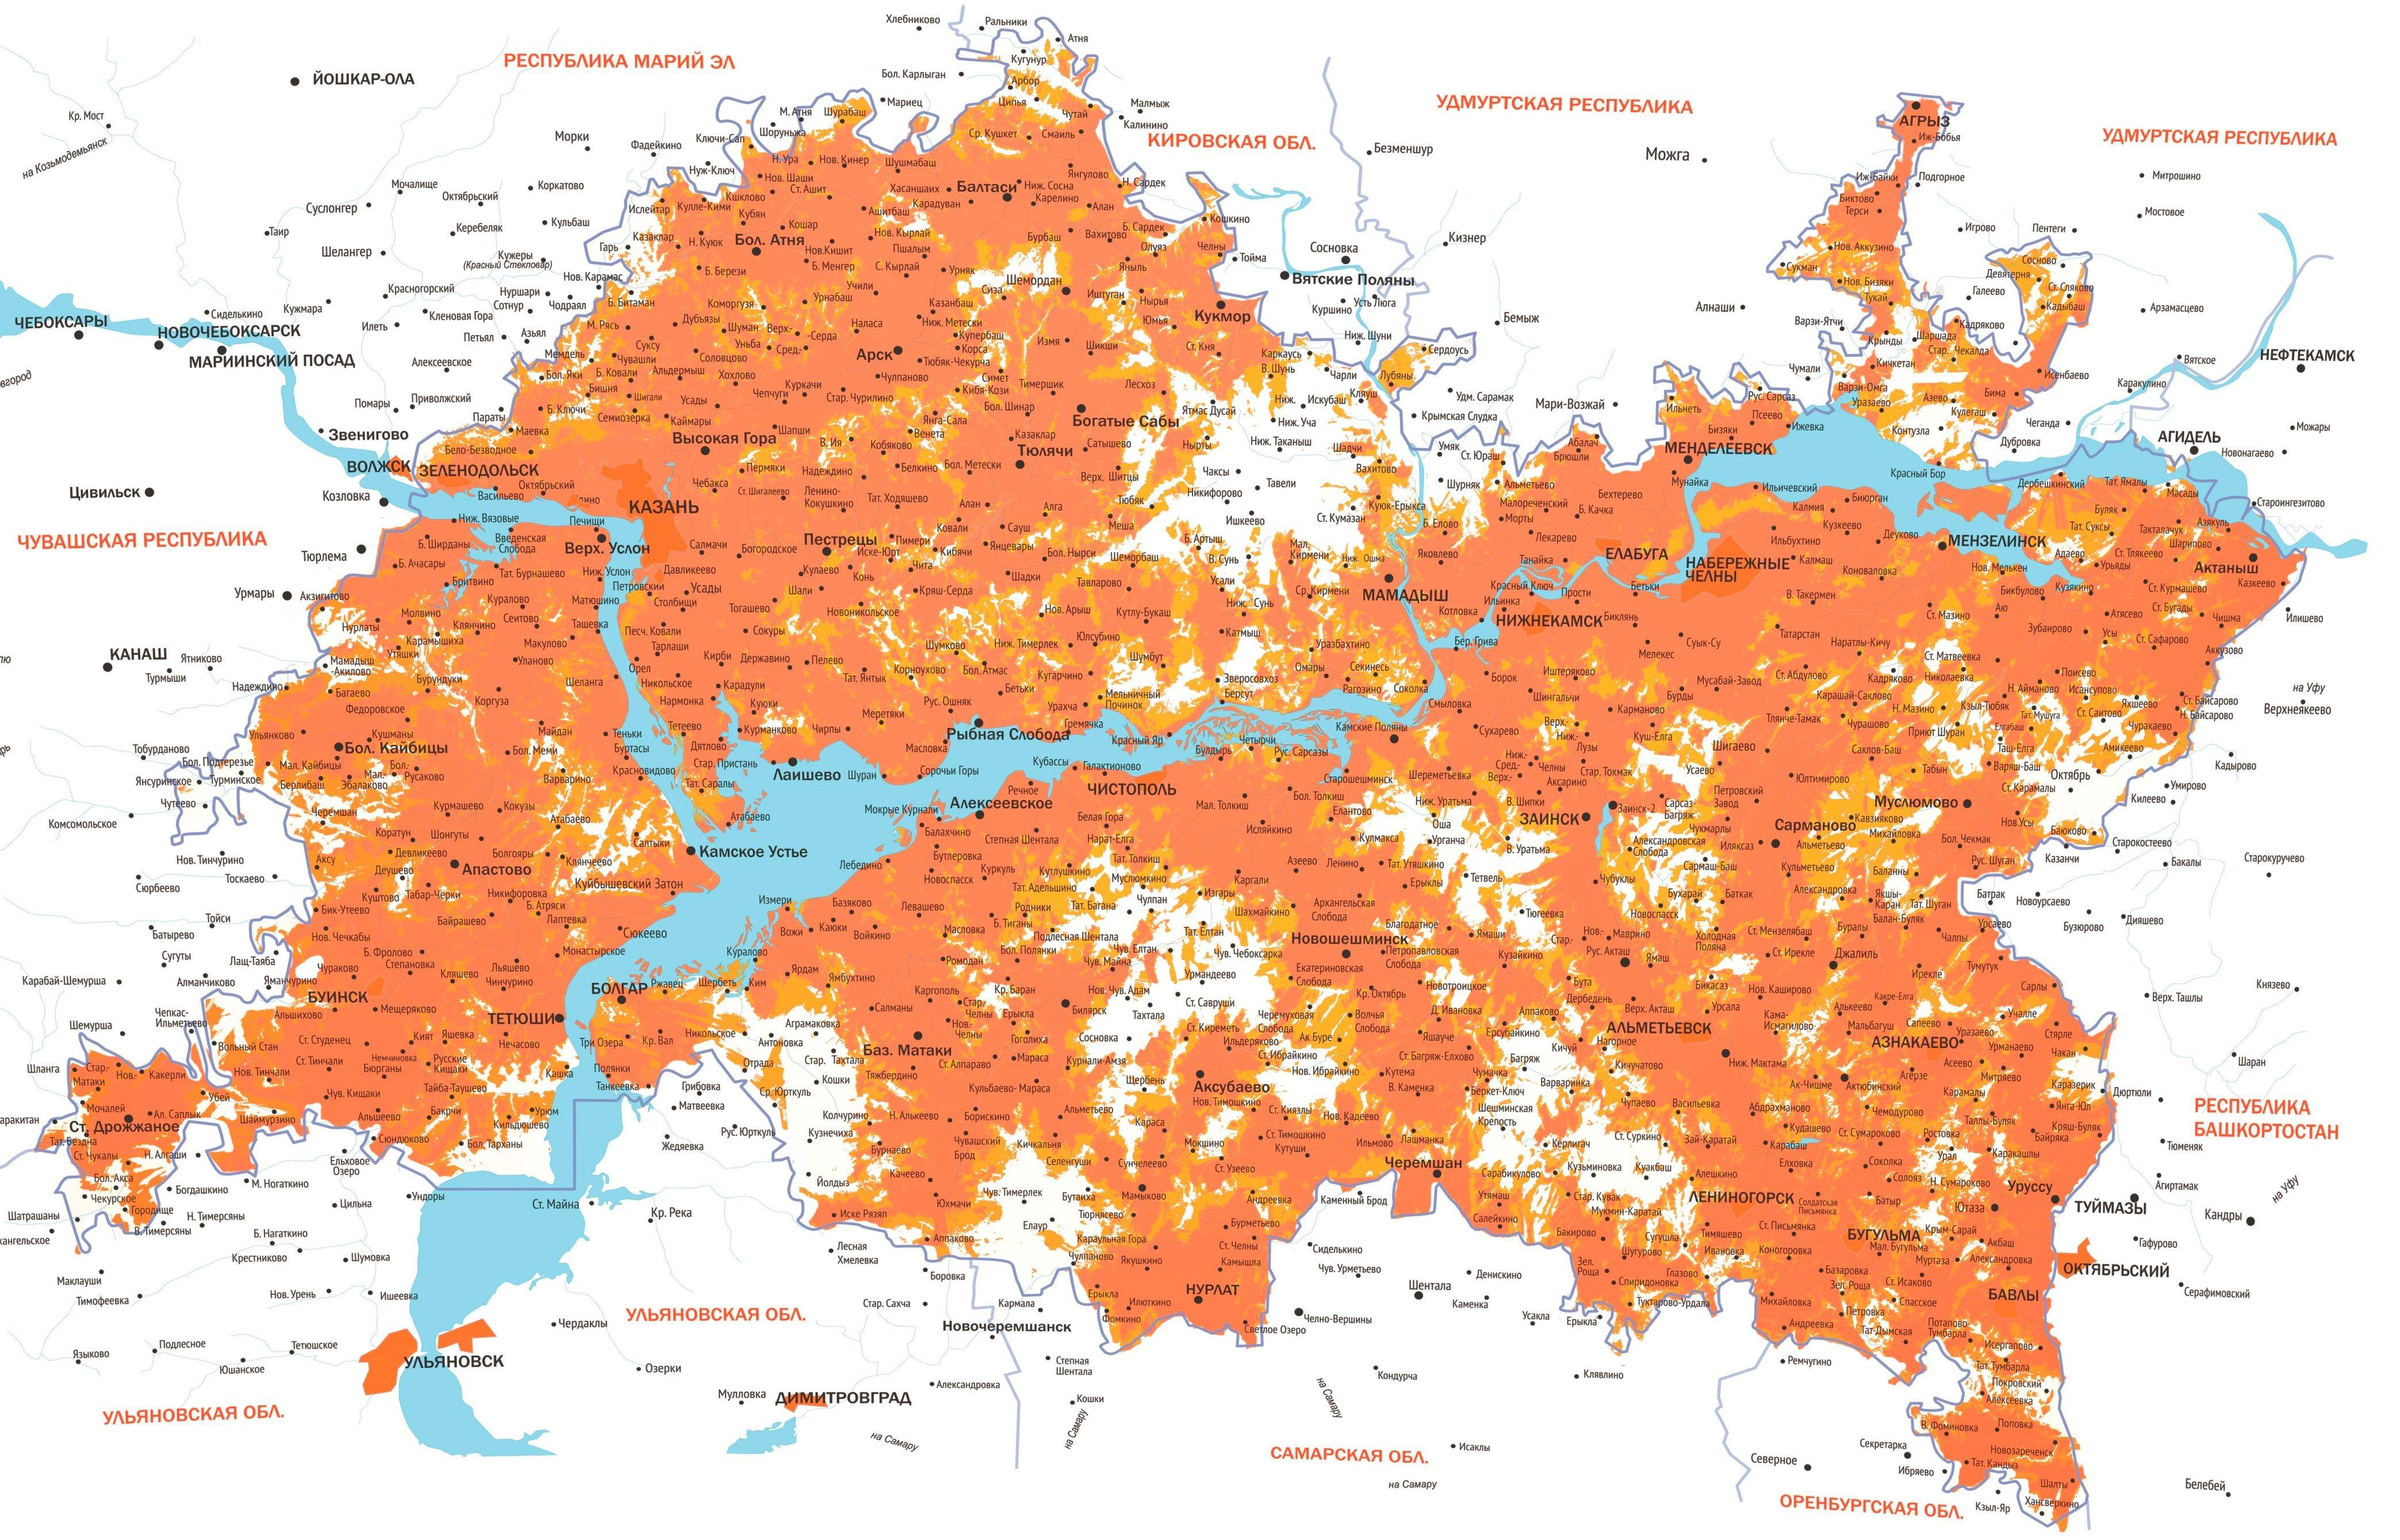 Карта покрытия мобильного оператора Летай 2G, 3G, 4G(LTE)